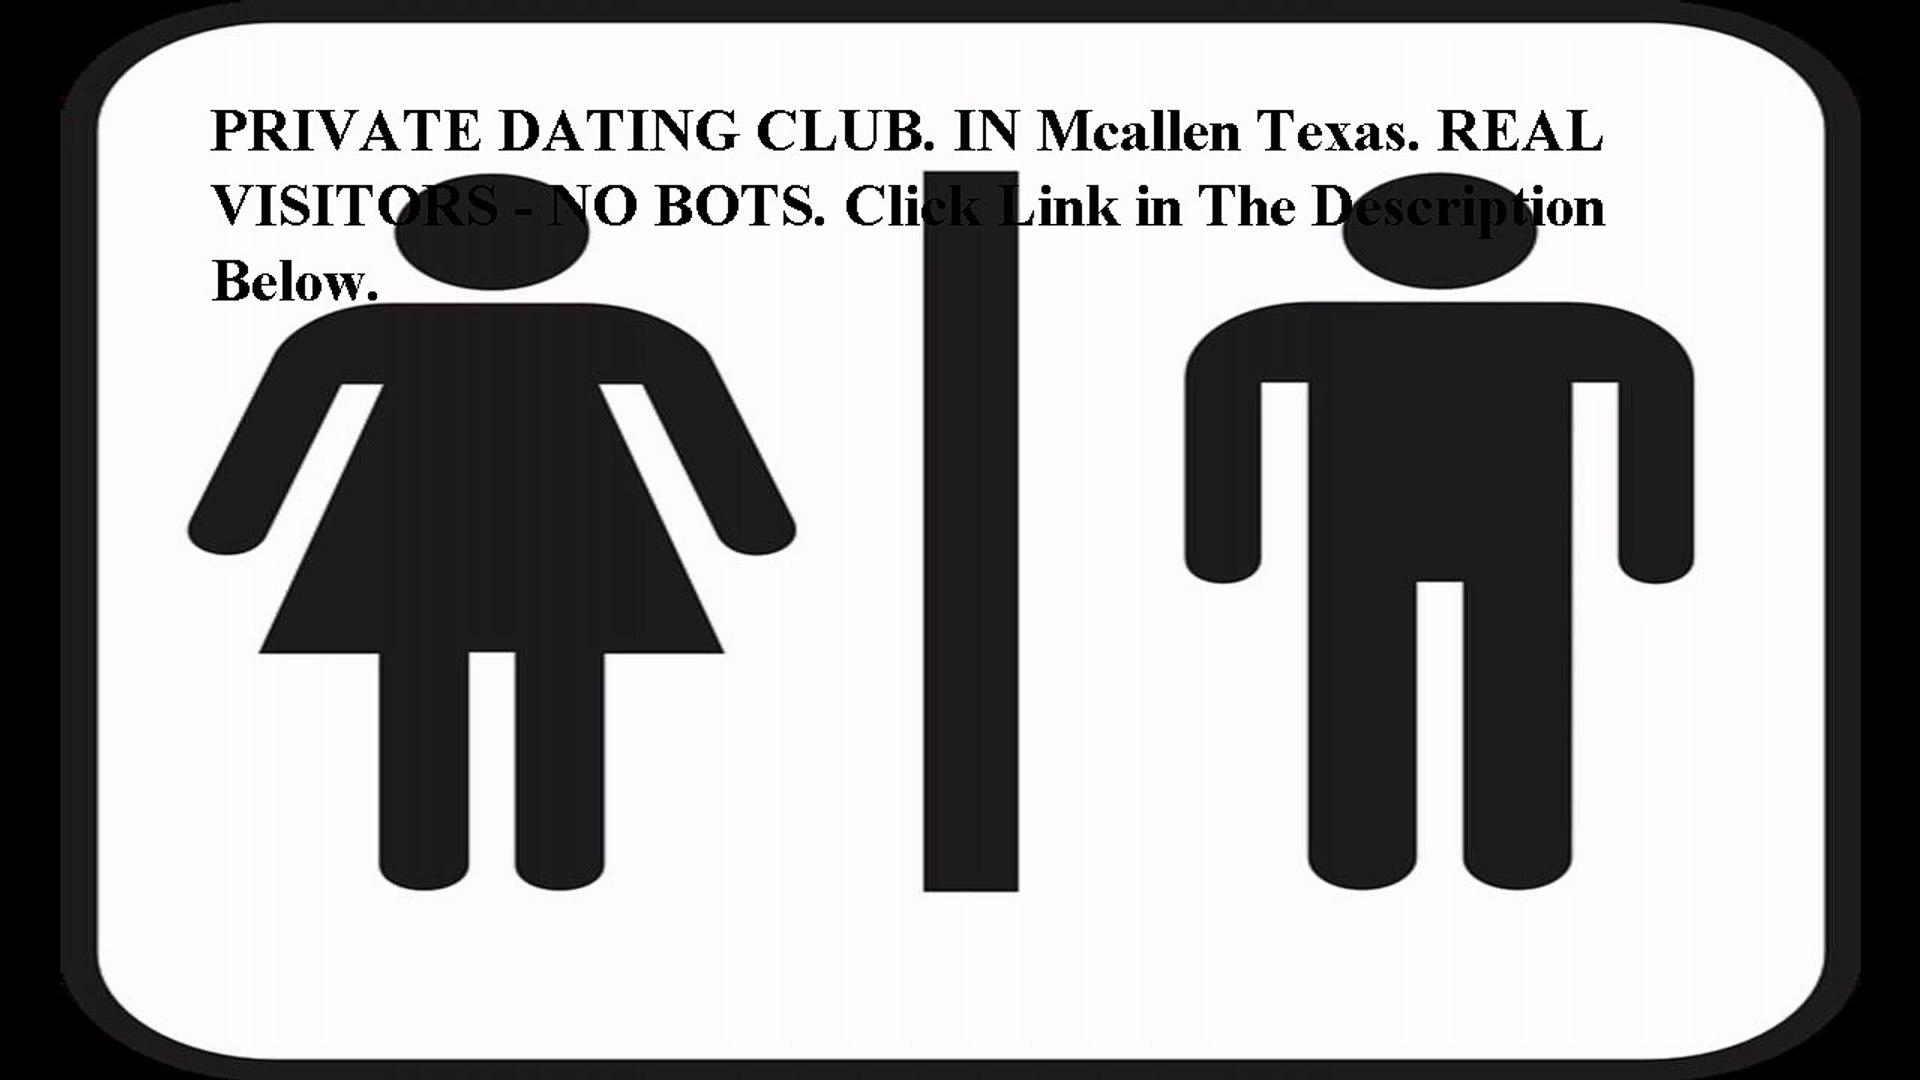 McAllen dating site